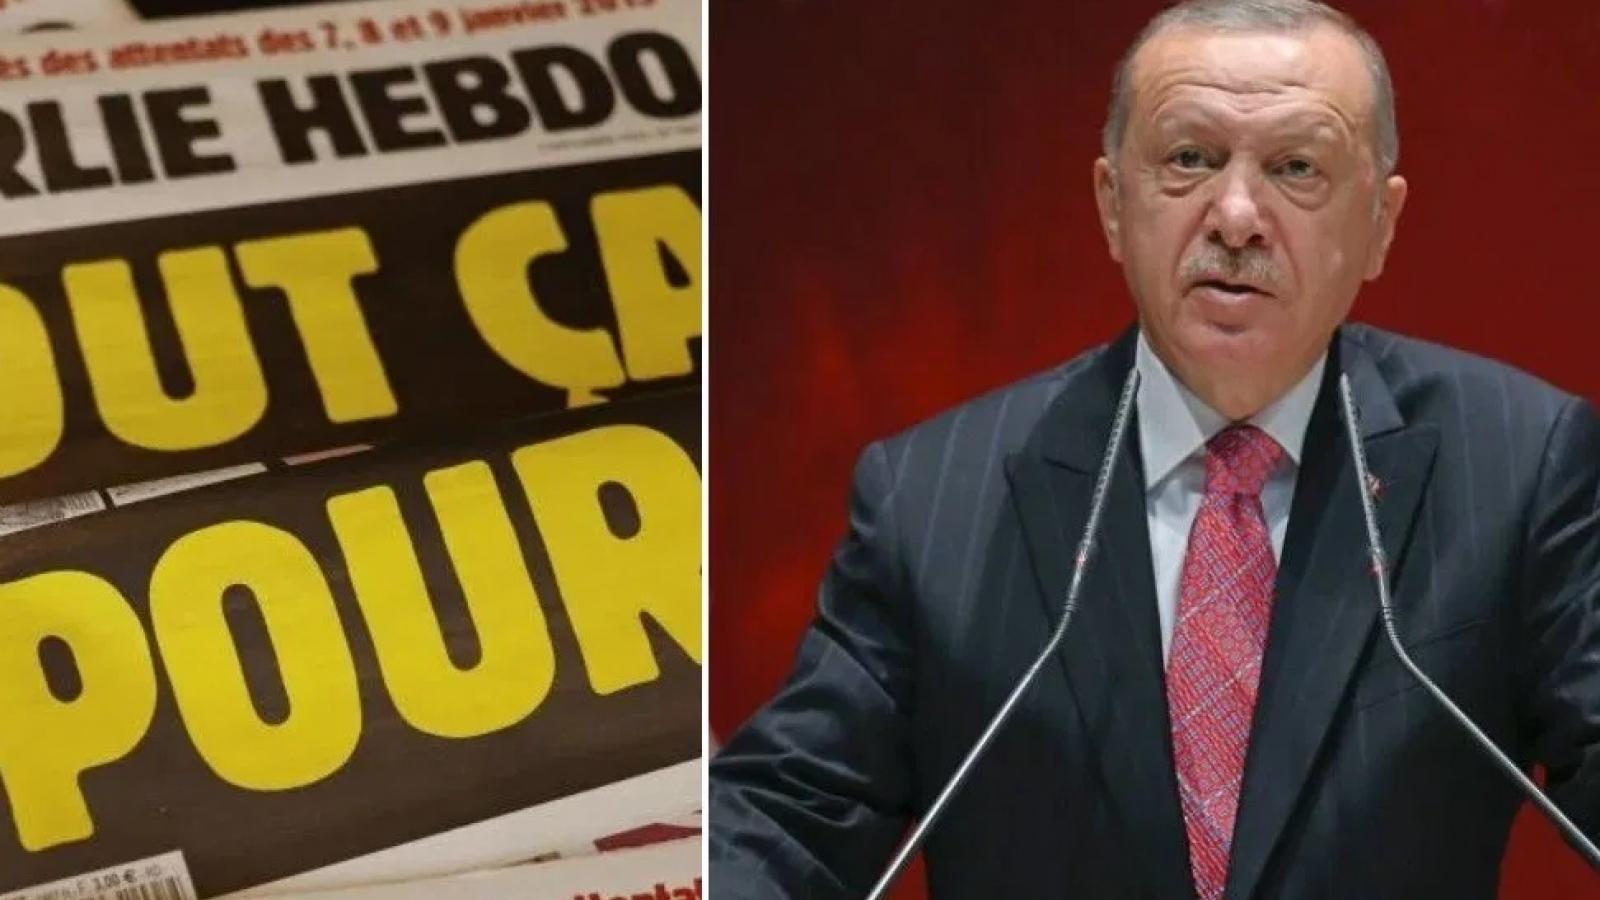 Pháp, Thổ Nhĩ Kỳ to tiếng về vụ biếm họa Tổng thống Erdogan